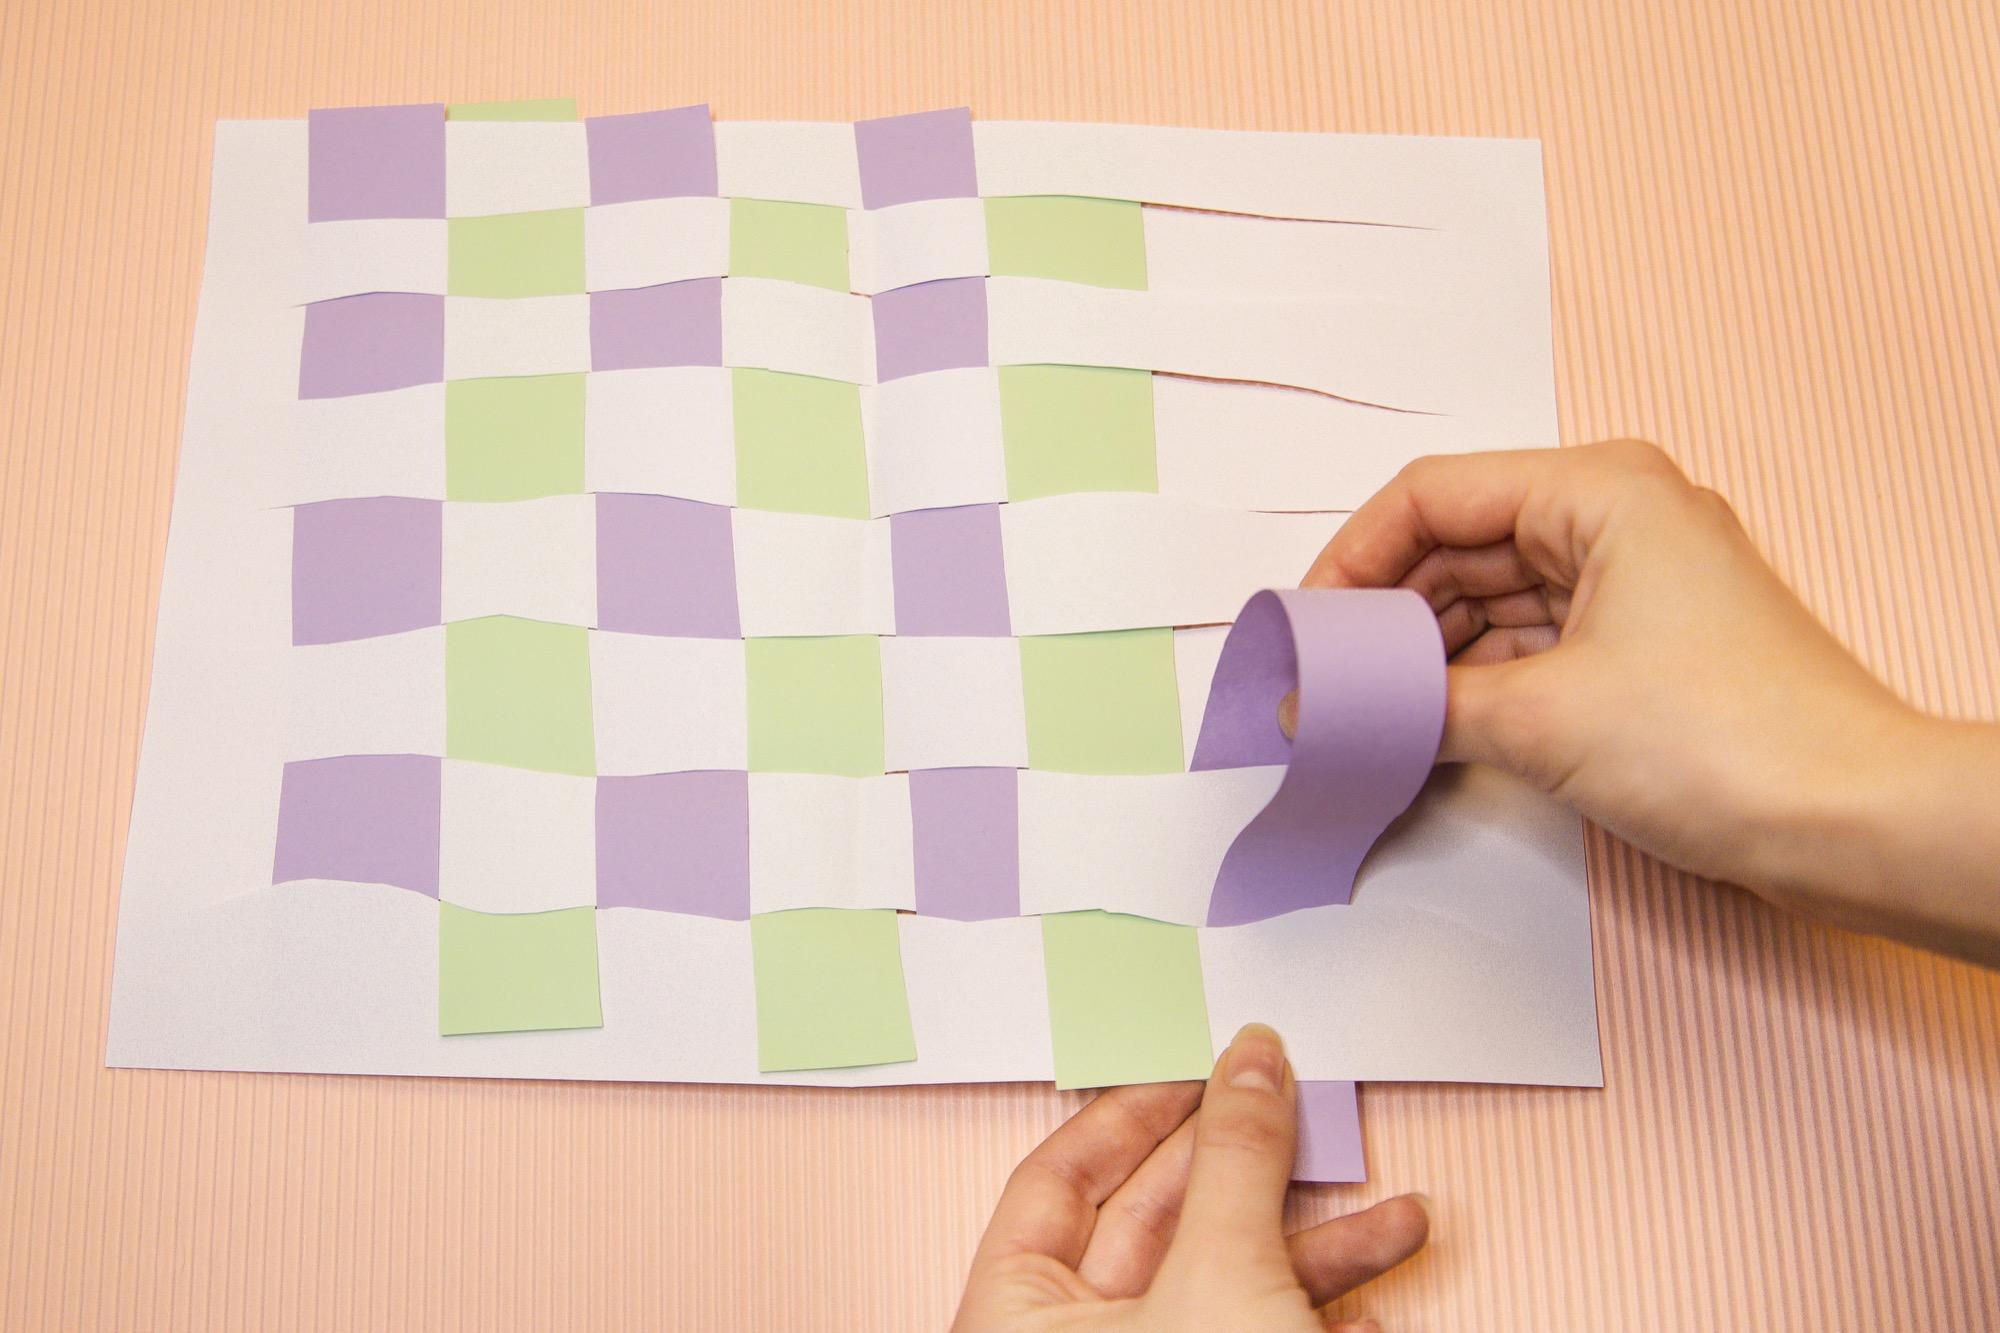 Tissage de papier : une activité manuelle pour exercer la motricité fine